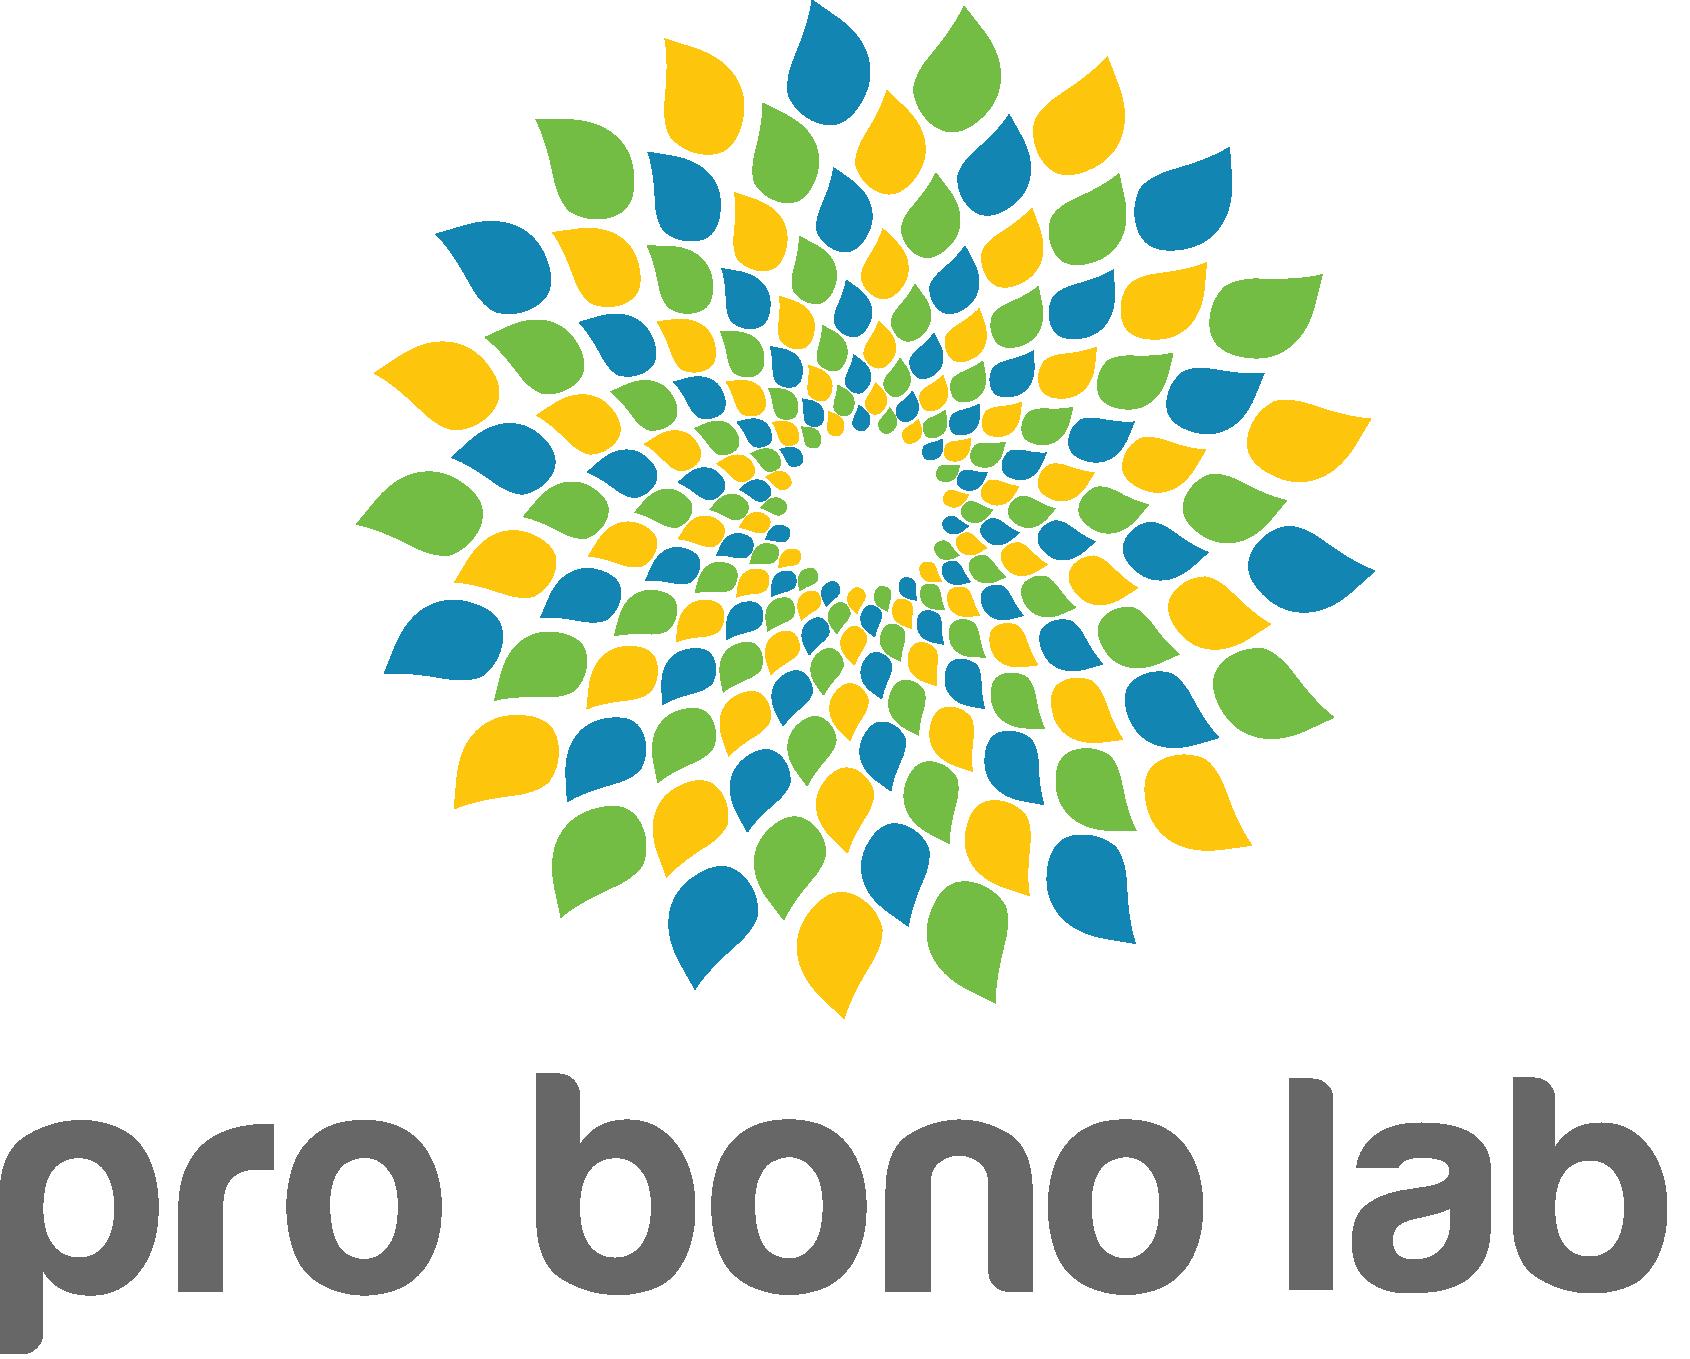 pro-bono-lab-logo